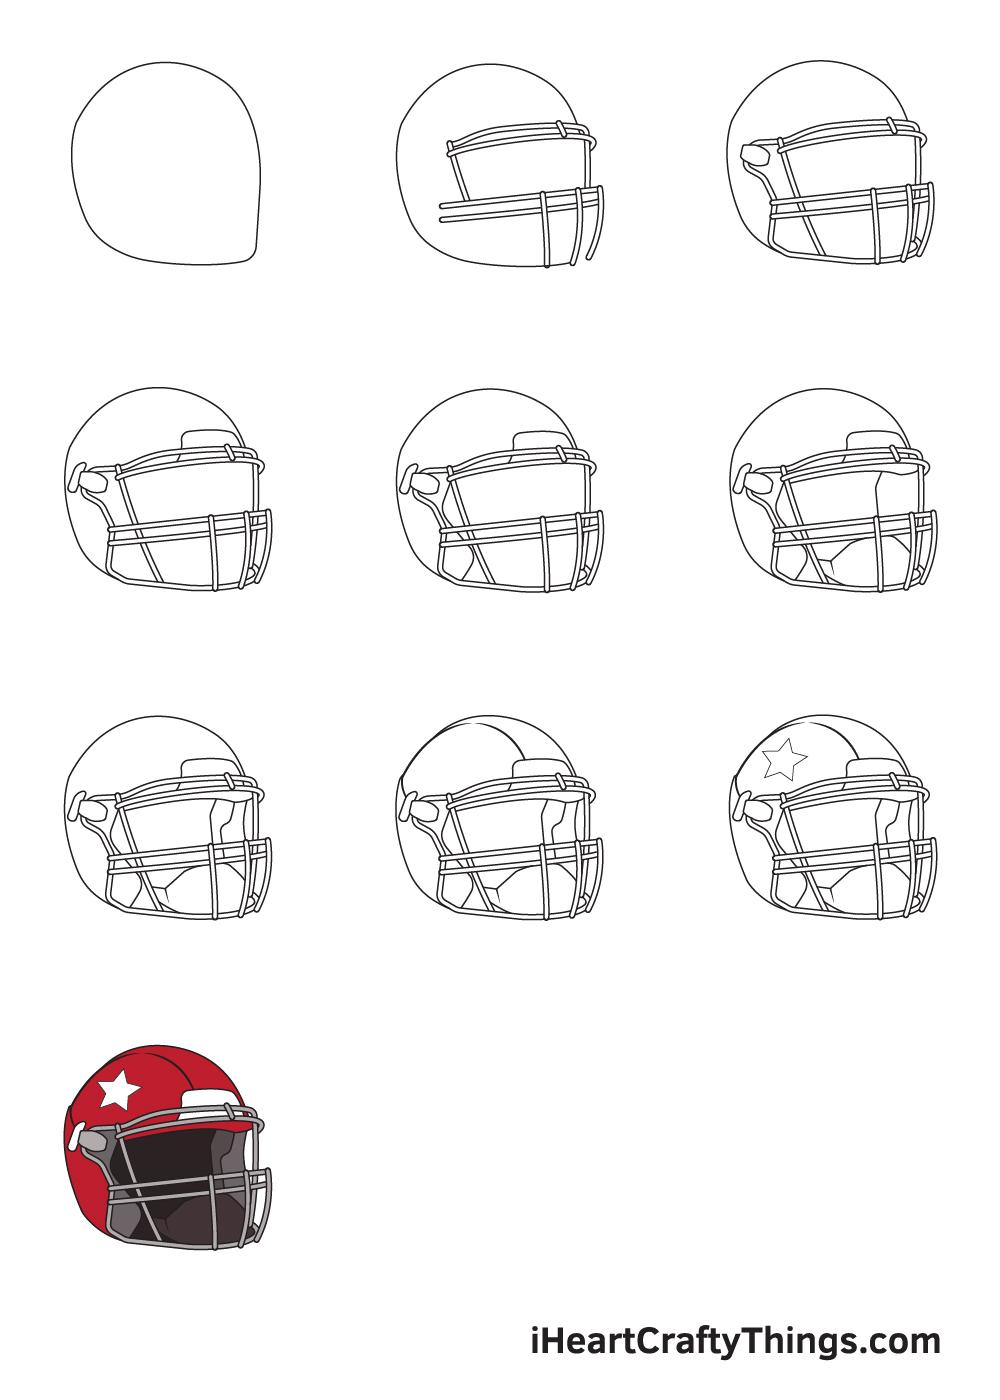 drawing football helmet in 9 steps